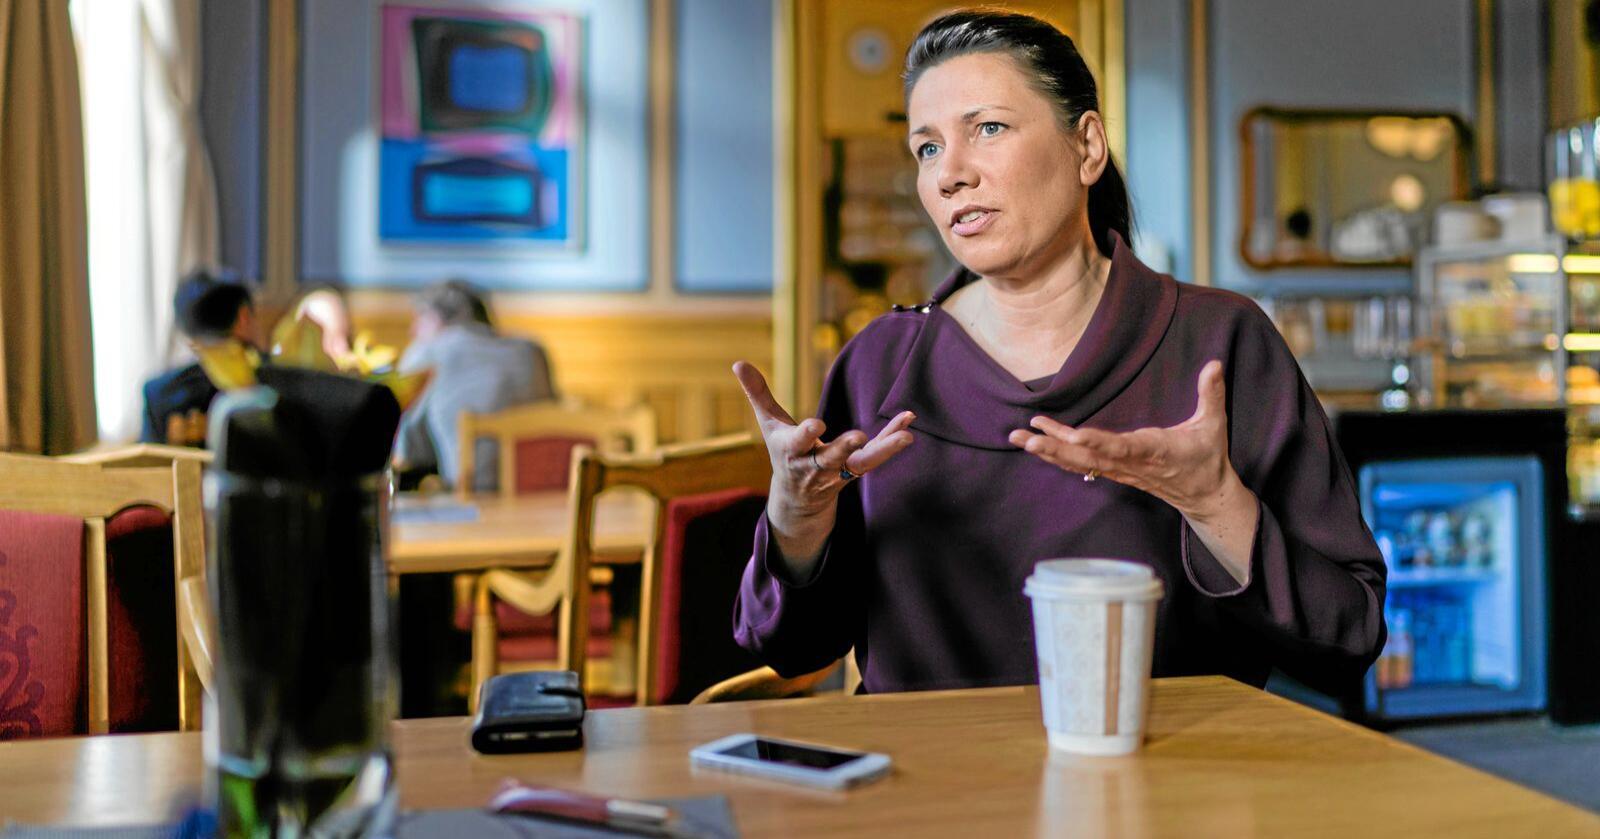 Norsk: Lokalt næringliv kan være avhengig av utenlandske produkter, skriver Heidi Nordby Lunde. Foto: Ketil Blom Haugstulen